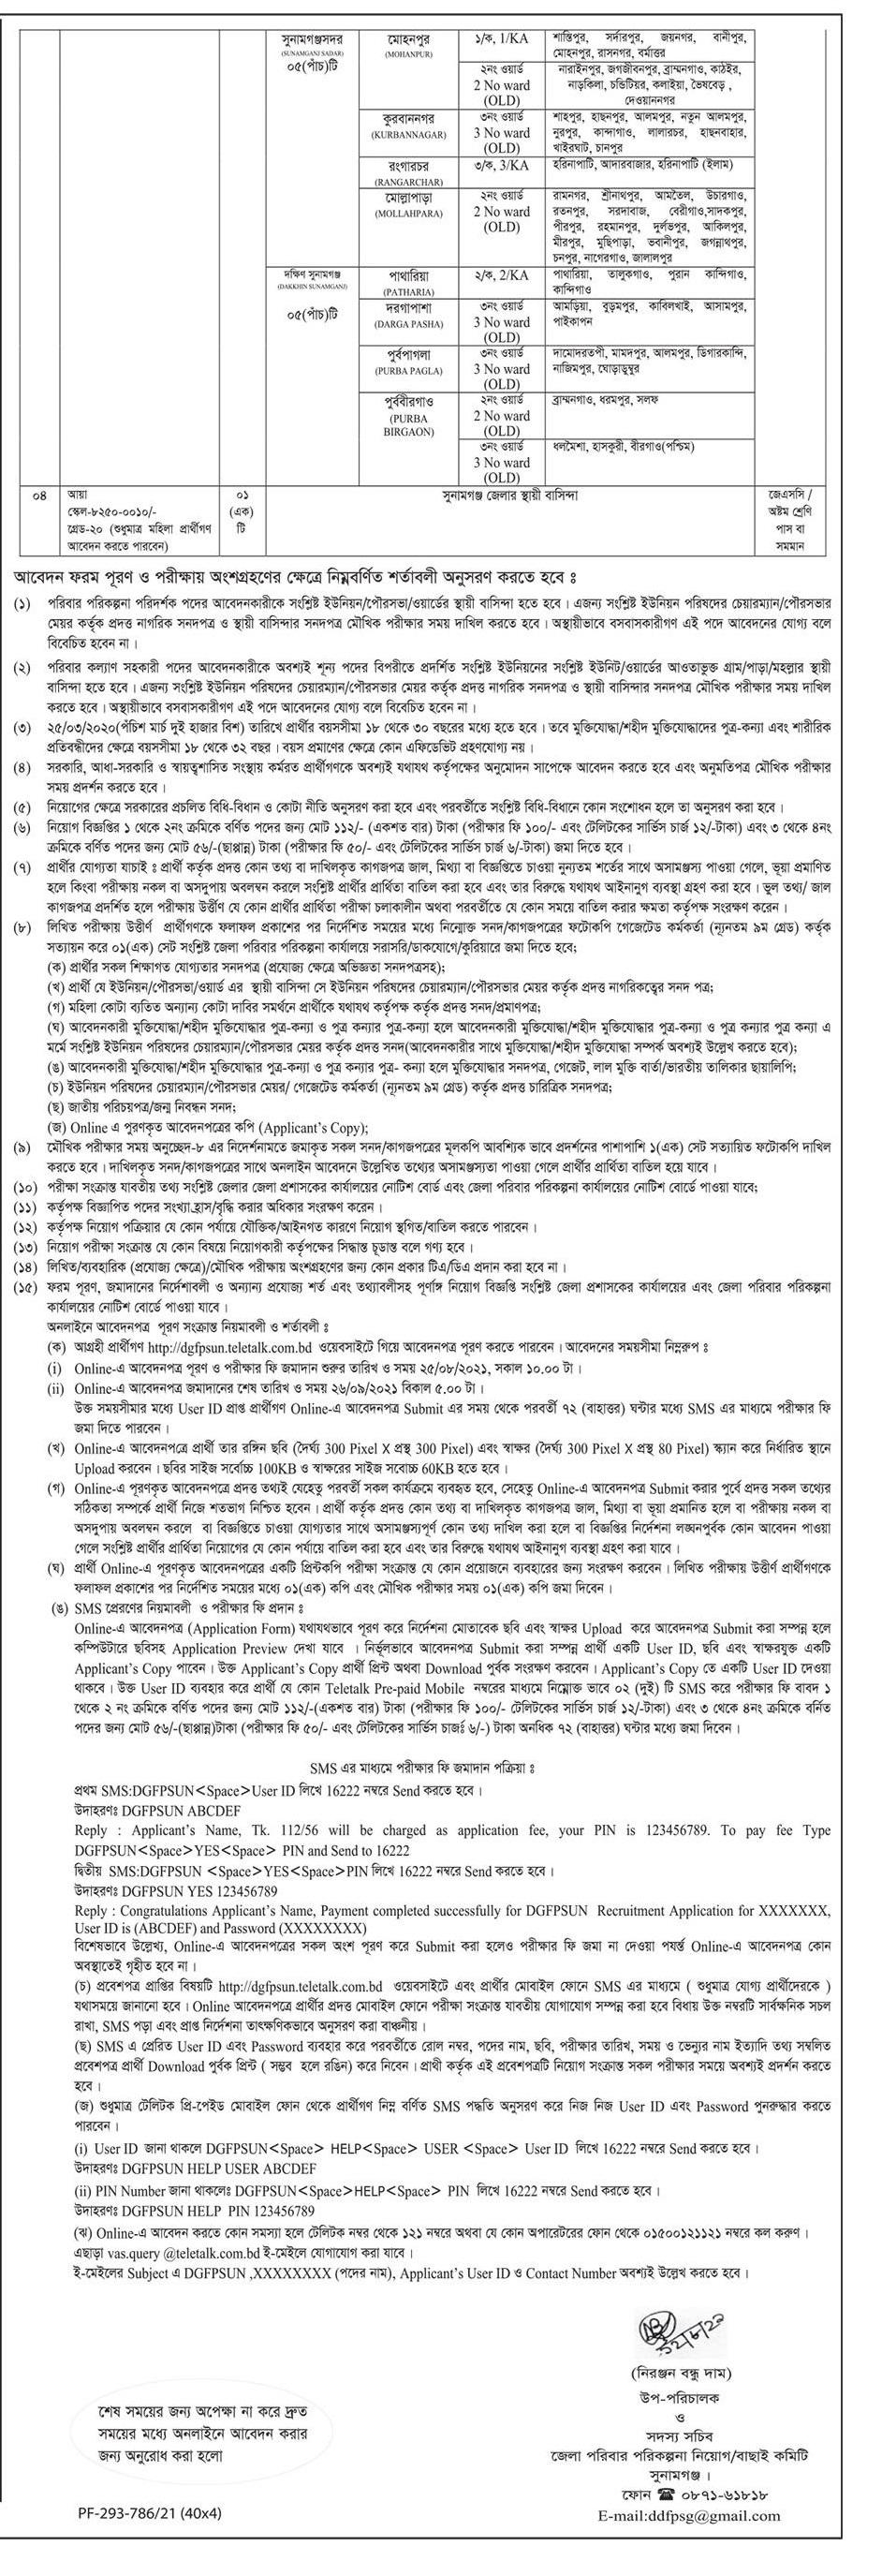 সুনামগঞ্জ জেলা পরিবার পরিকল্পনা নিয়োগ বিজ্ঞপ্তি ২০২১ - Sunamganj District poribar porikolpona job circular 2021 - স্বাস্থ্য ও পরিবার পরিকল্পনা অধিদপ্তরে নিয়োগ বিজ্ঞপ্তি ২০২১